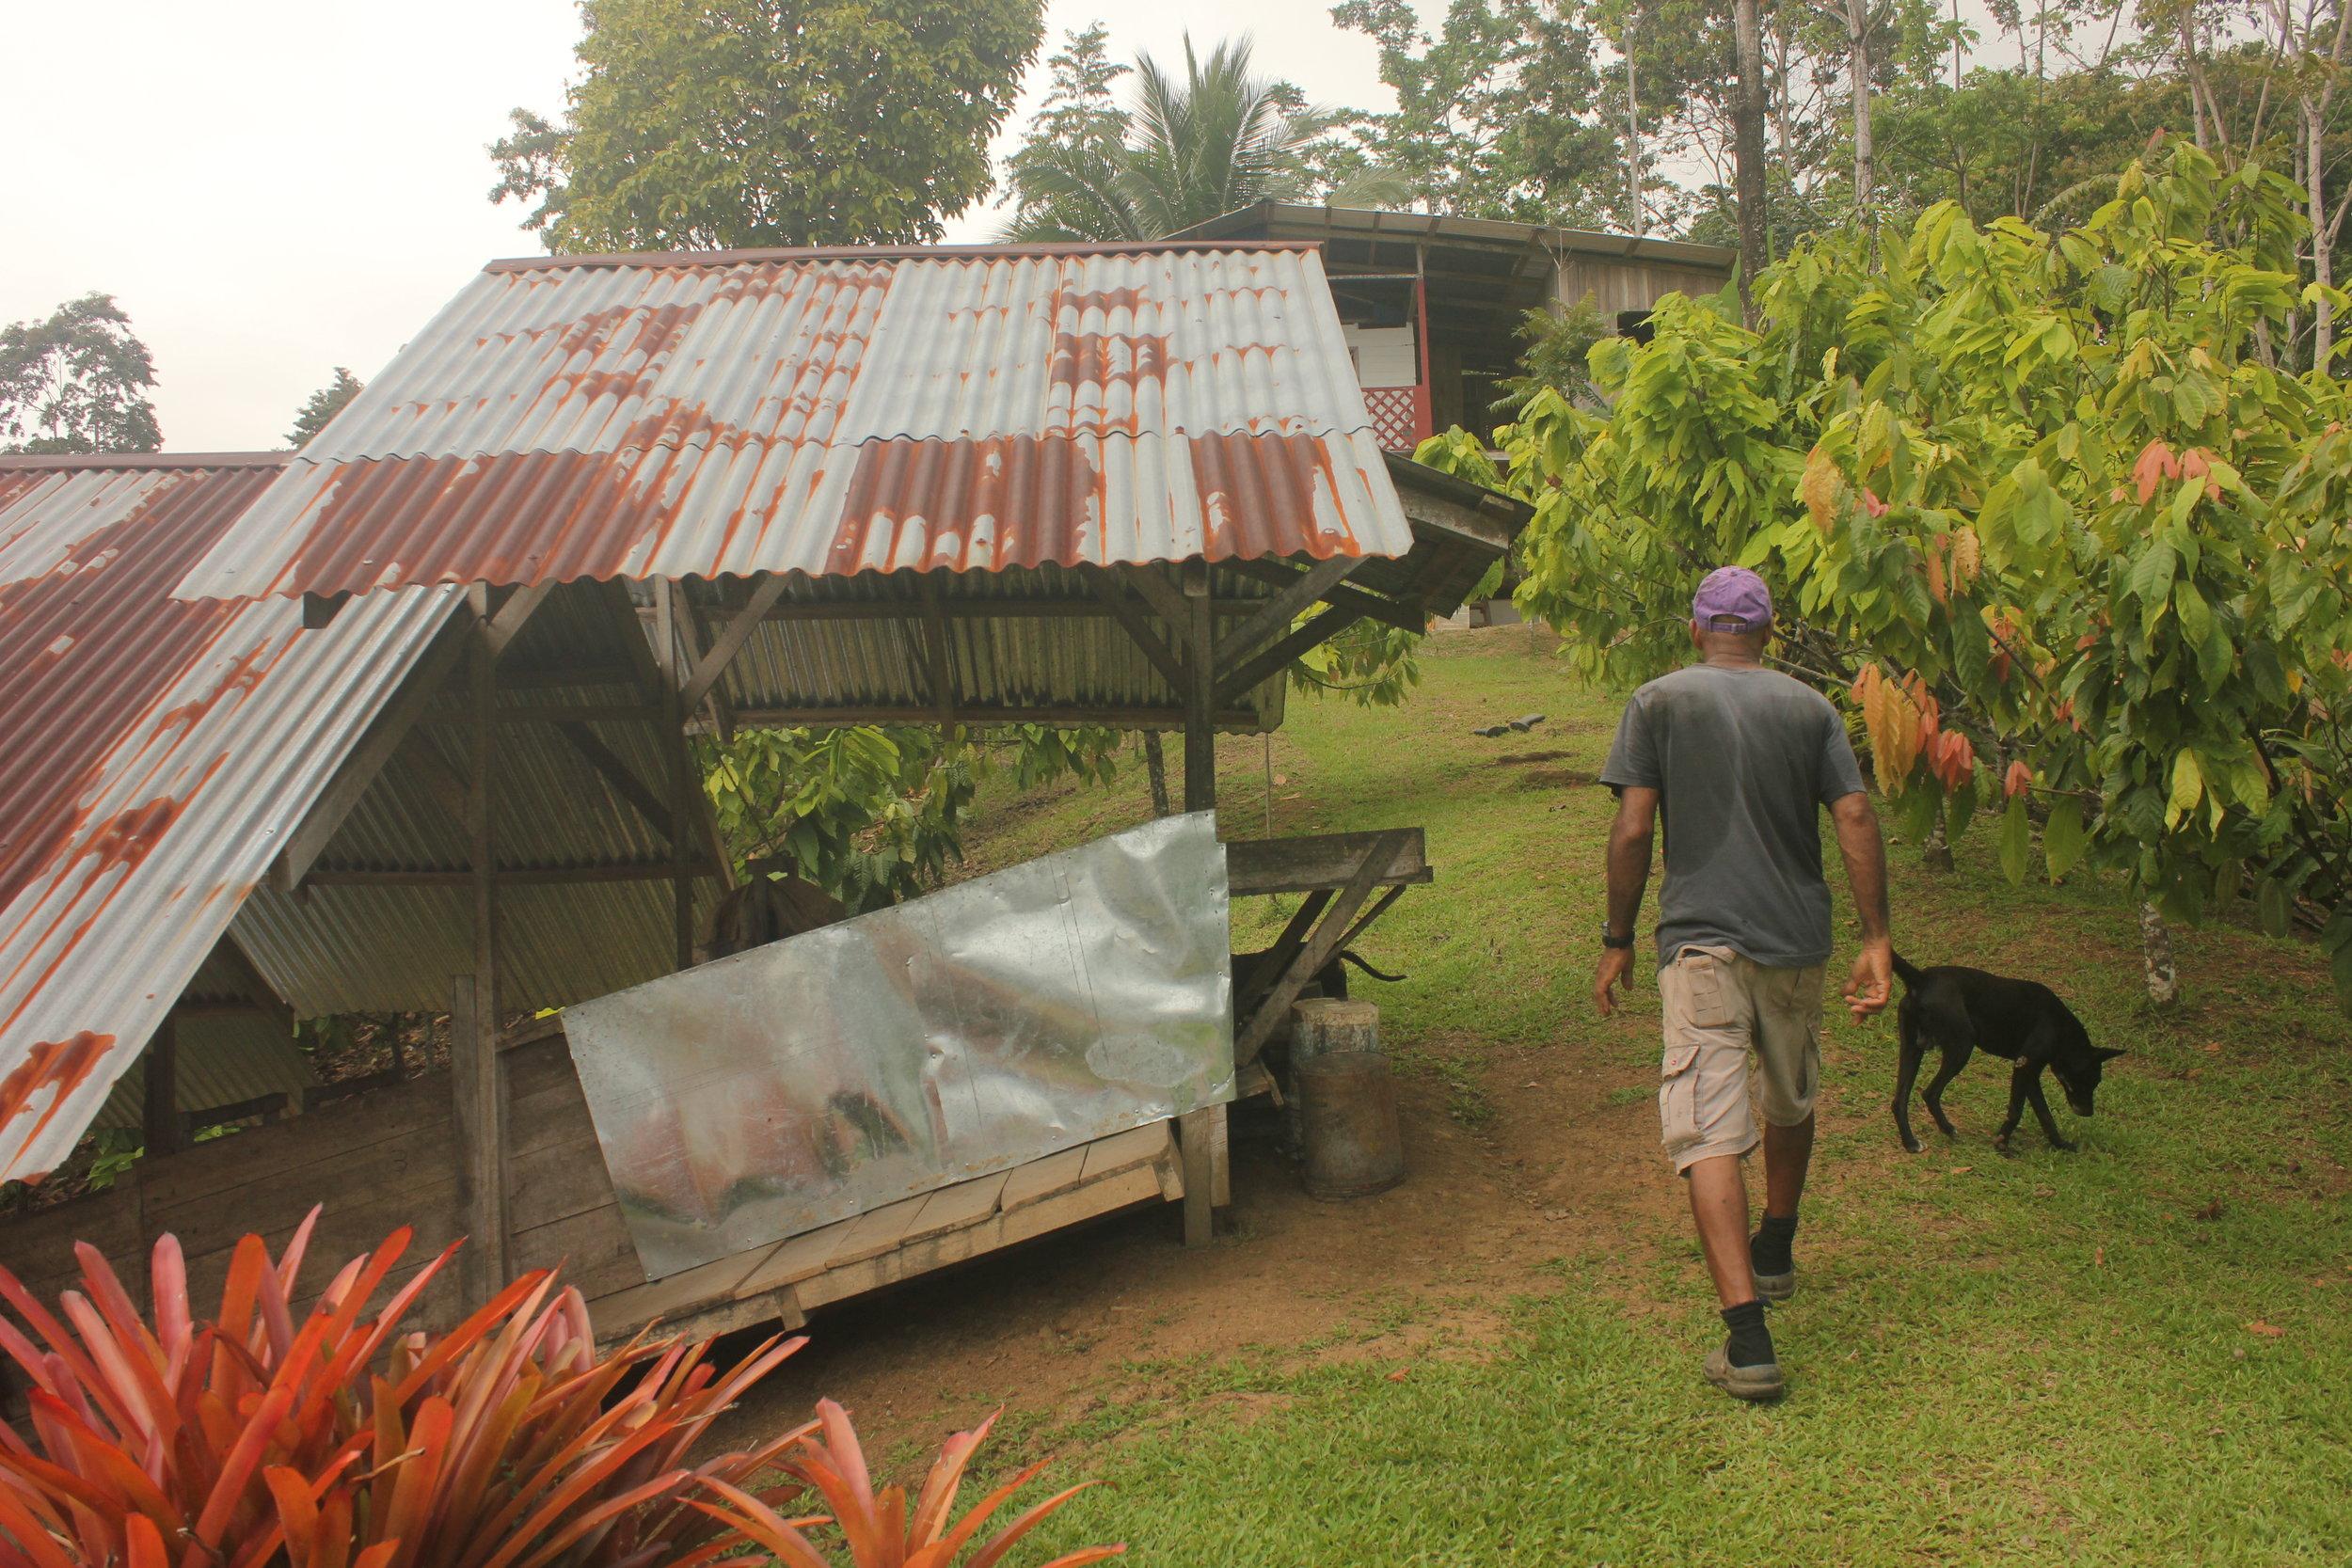 Daniel South trabajando en su finca. San Andres, Talamanca, Limón, Costa Rica. Foto por Katie Beck.